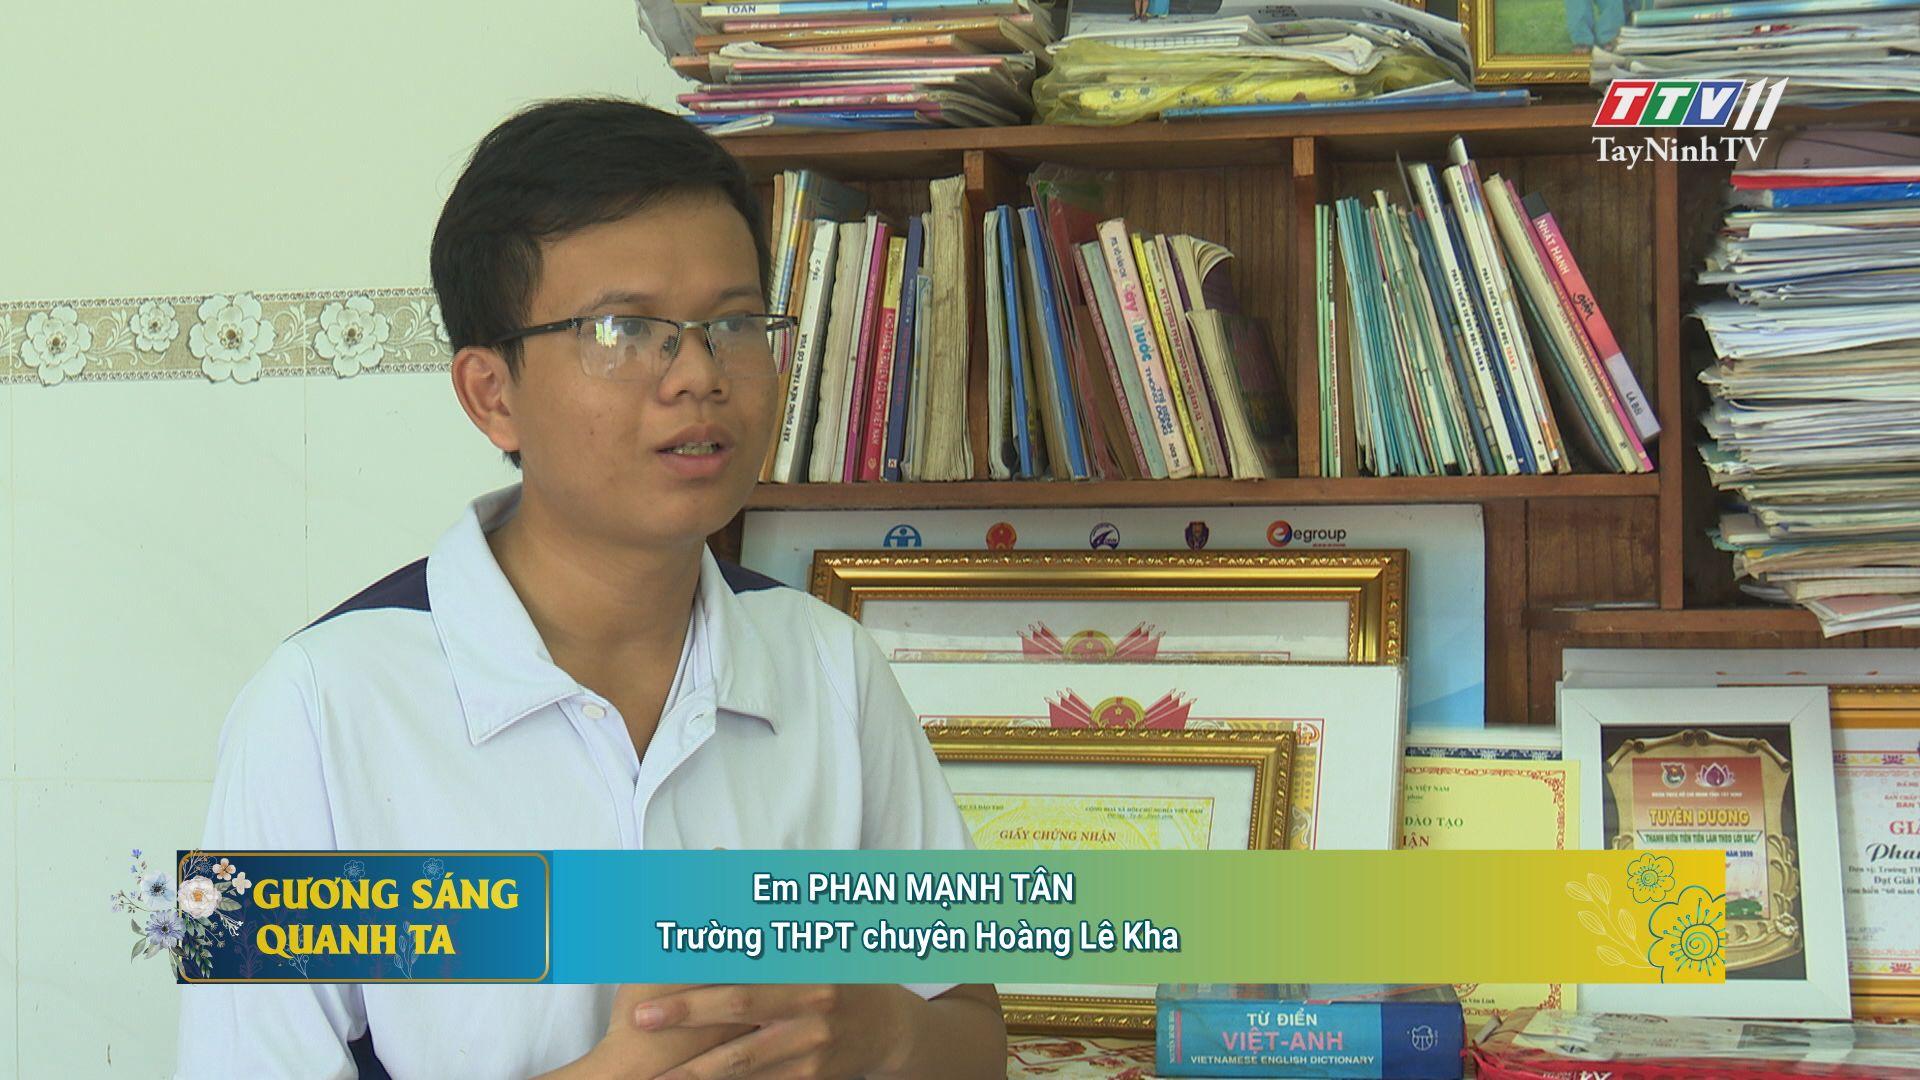 Phan Mạnh Tân-Cậu học trò tài năng | GƯƠNG SÁNG QUANH TA | TayNinhTV